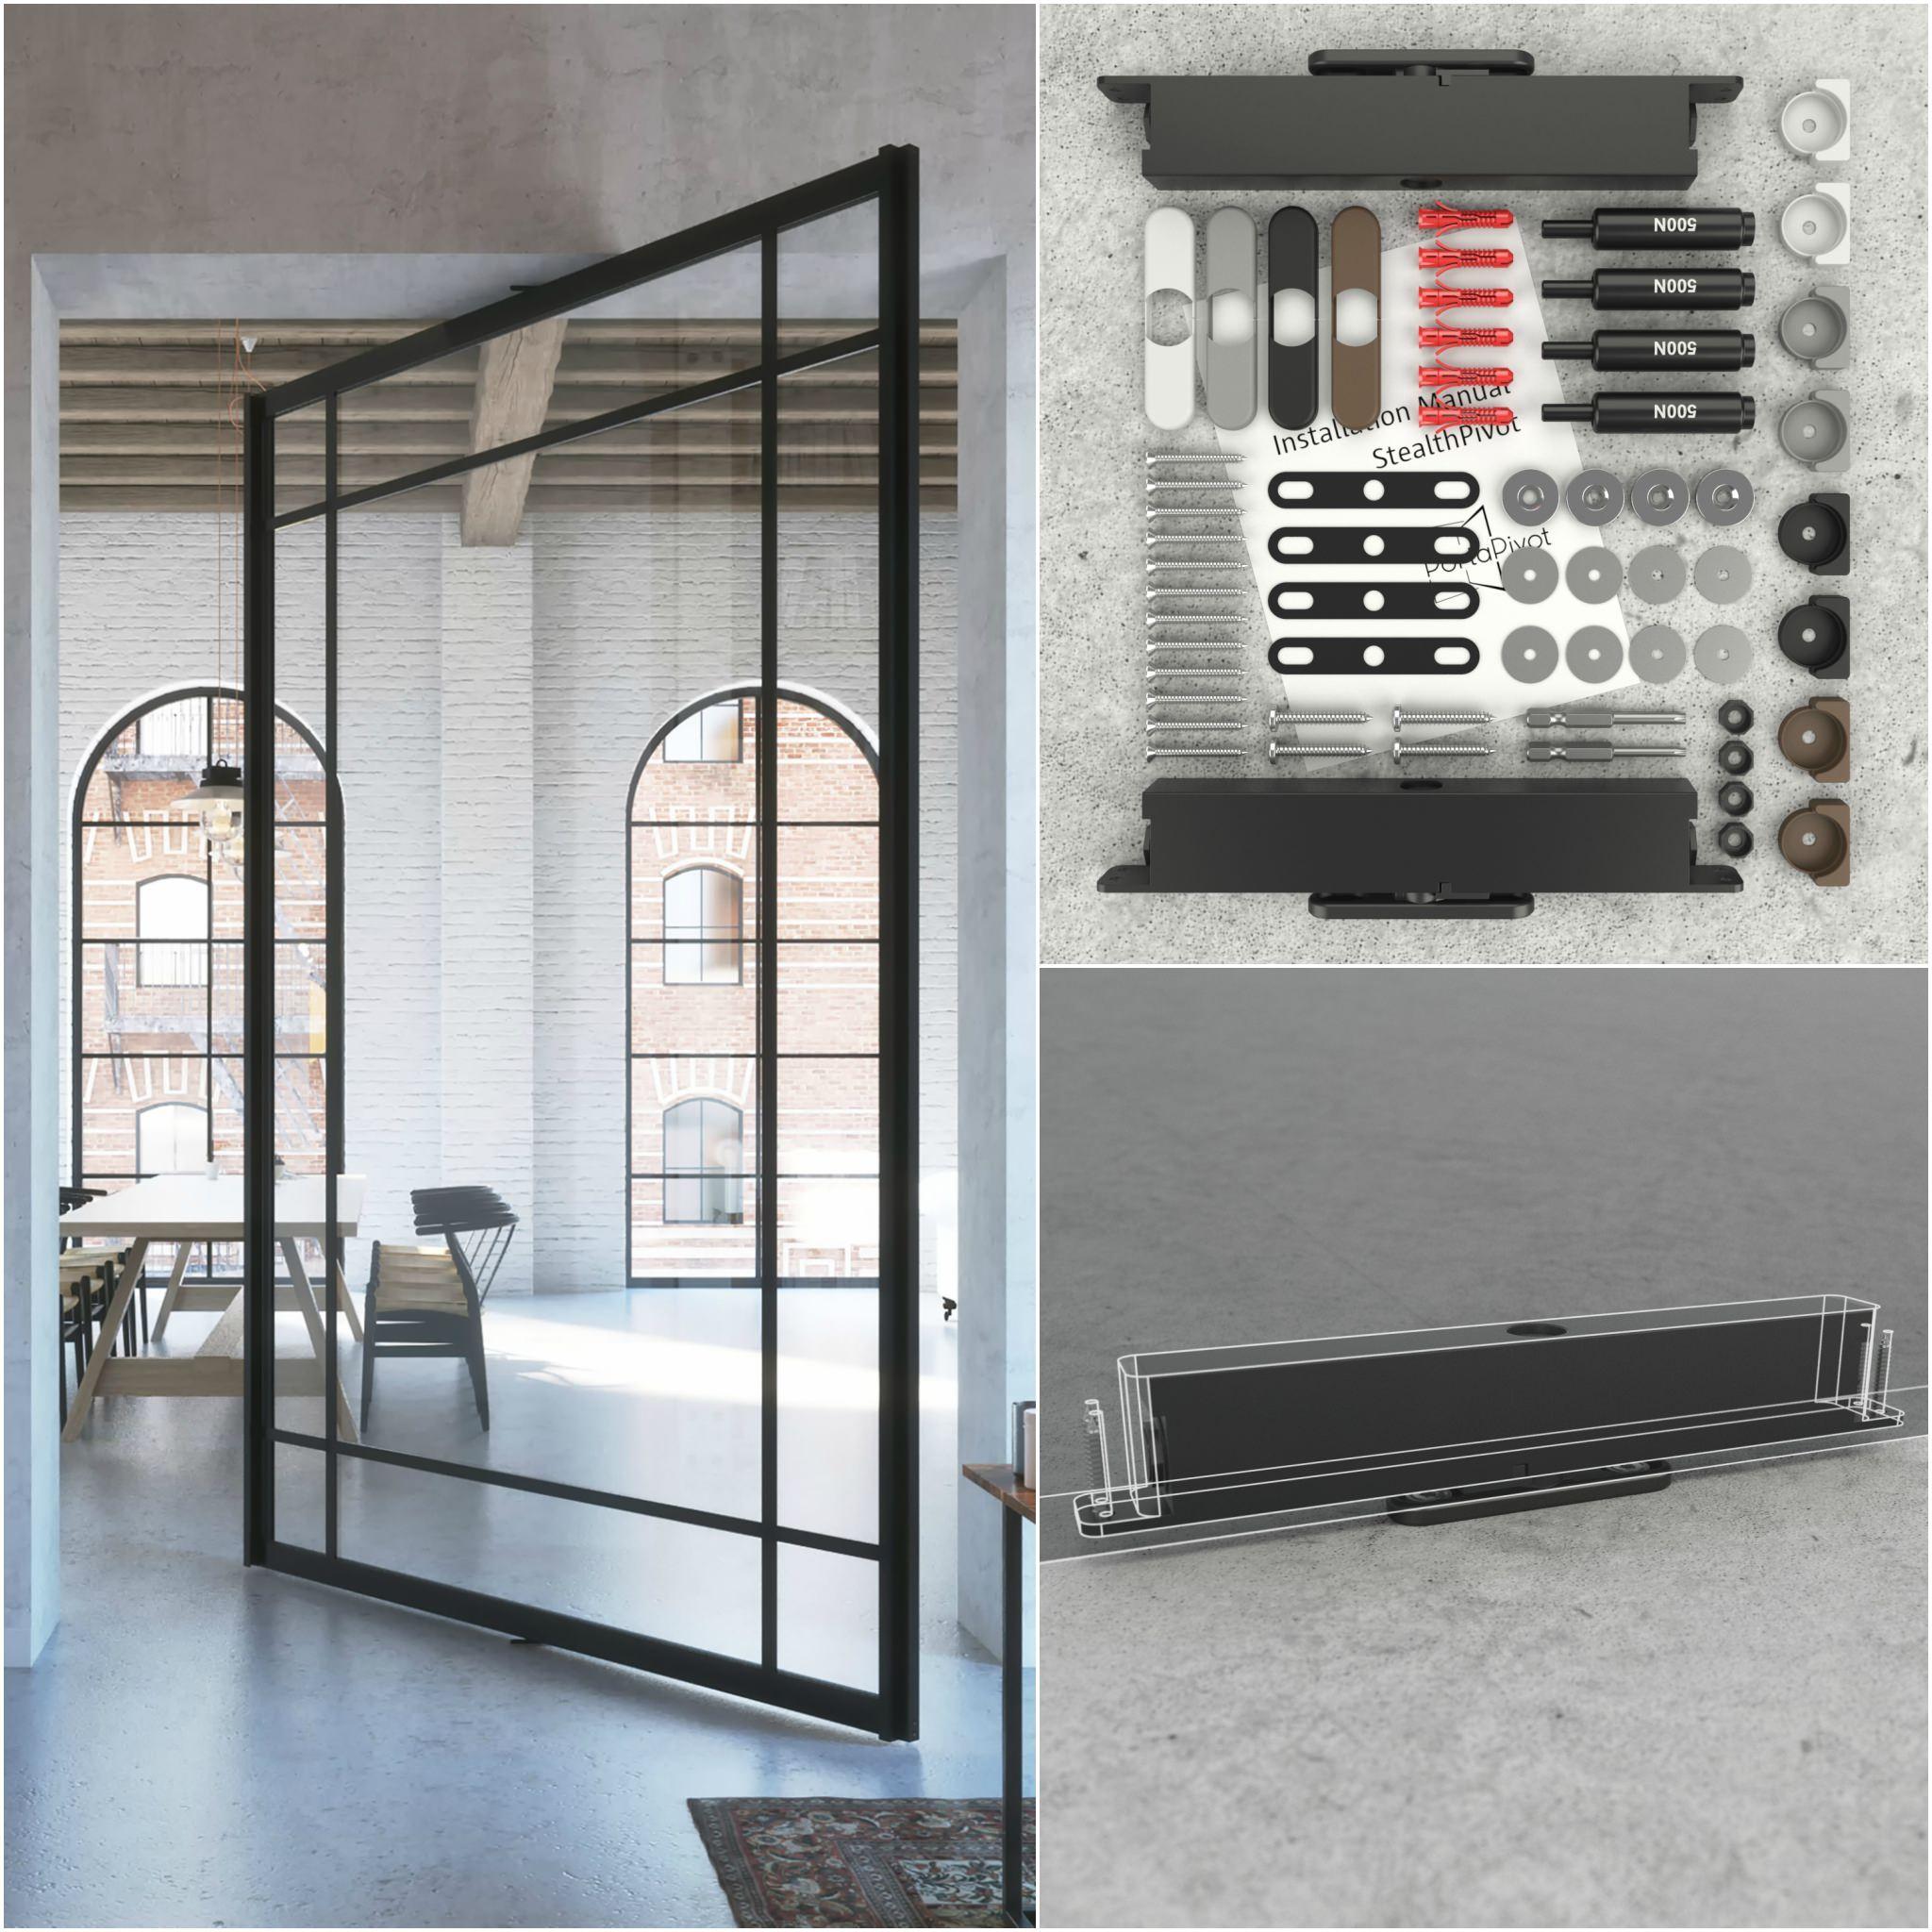 compact pivot door hinge system